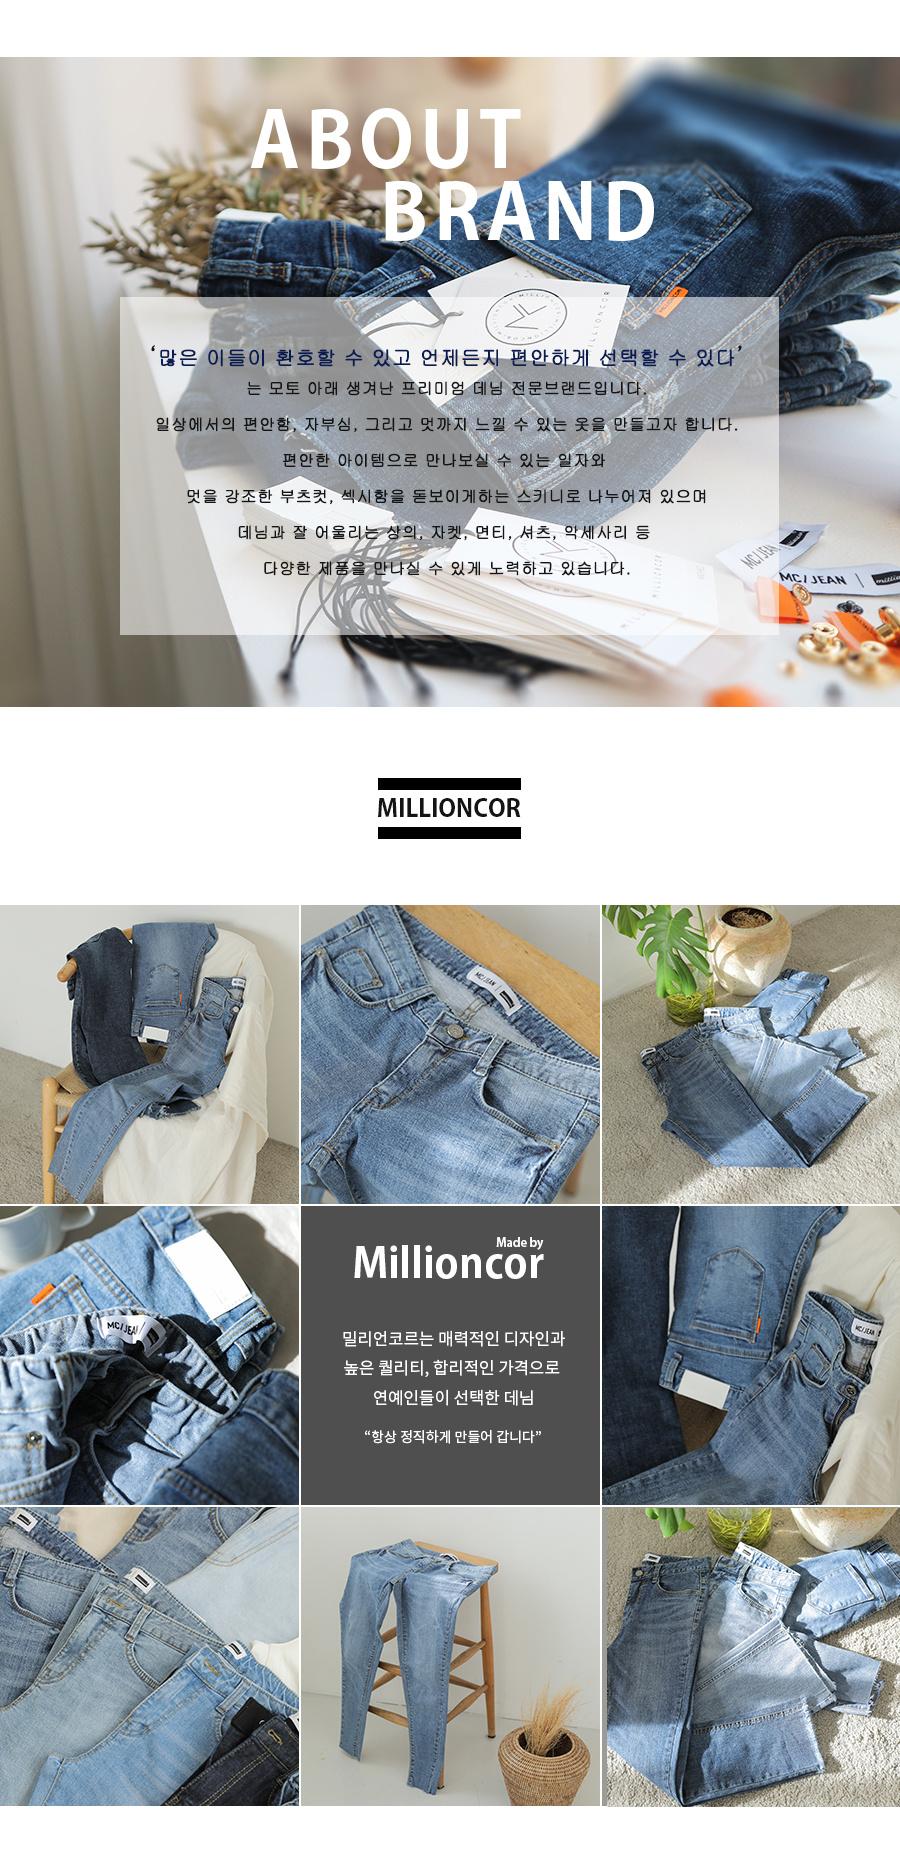 밀리언코르(MILLIONCOR) [DANA 8096] 딥블랙 빈티지컷팅 A라인 스커트 데님(블랙)